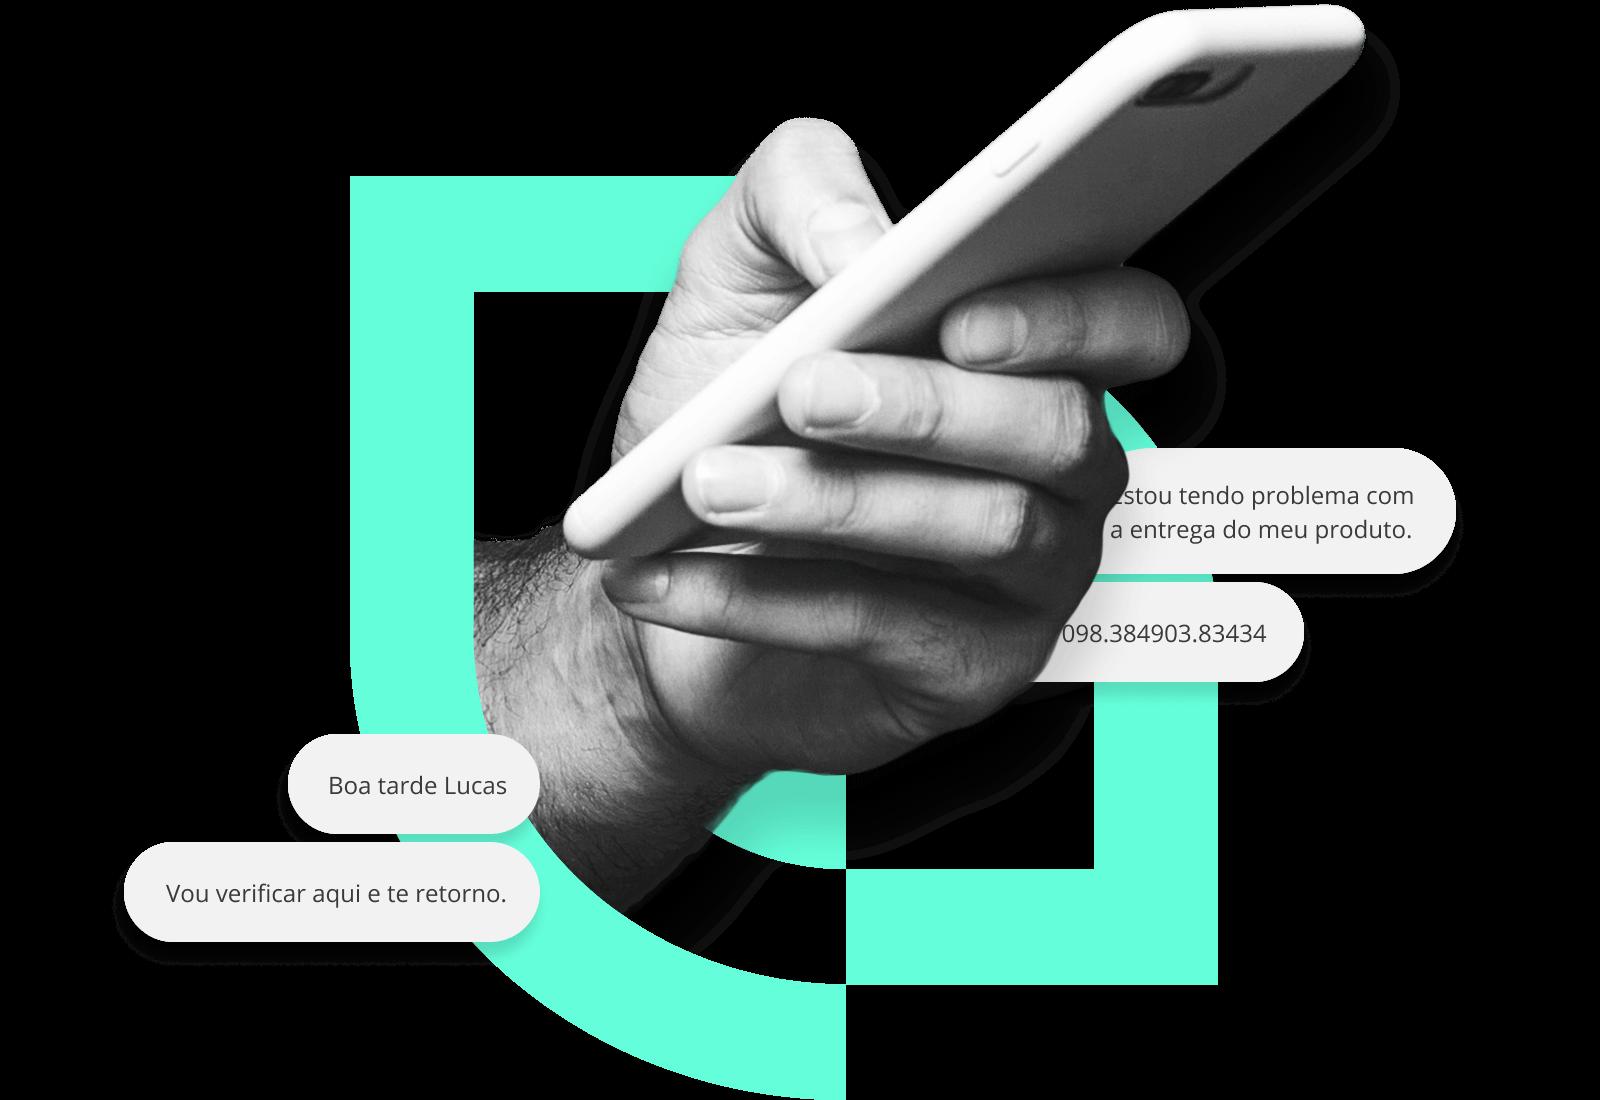 colagem exibindo uma mao segurando um smartphone enviando mensagens